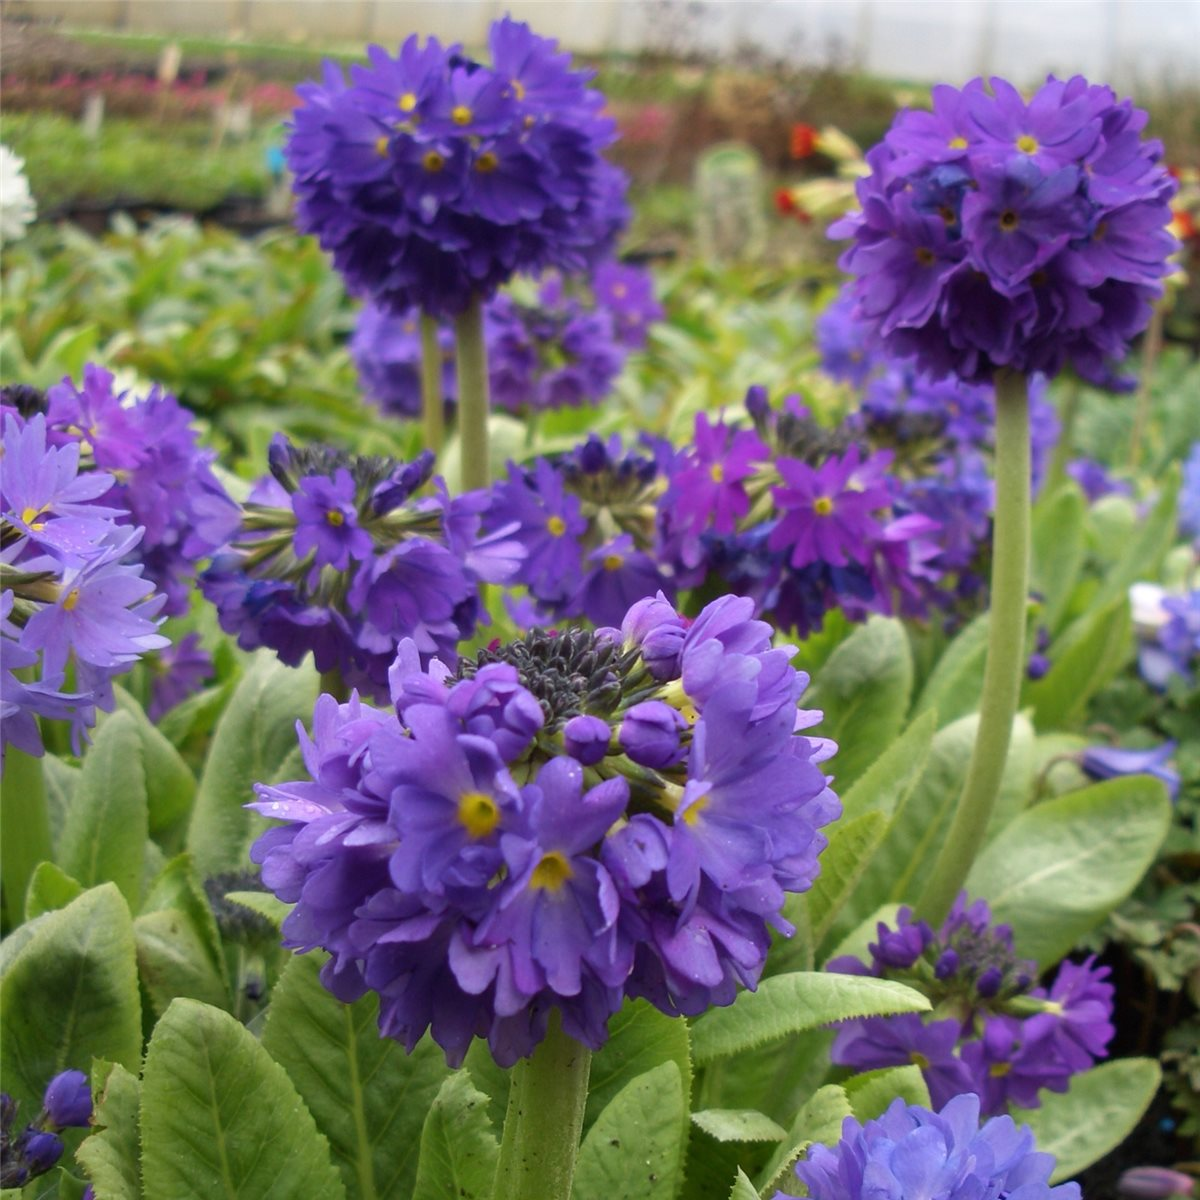 kugelprimel primula dent blau lila fr hling staude nektar pflanze ebay. Black Bedroom Furniture Sets. Home Design Ideas